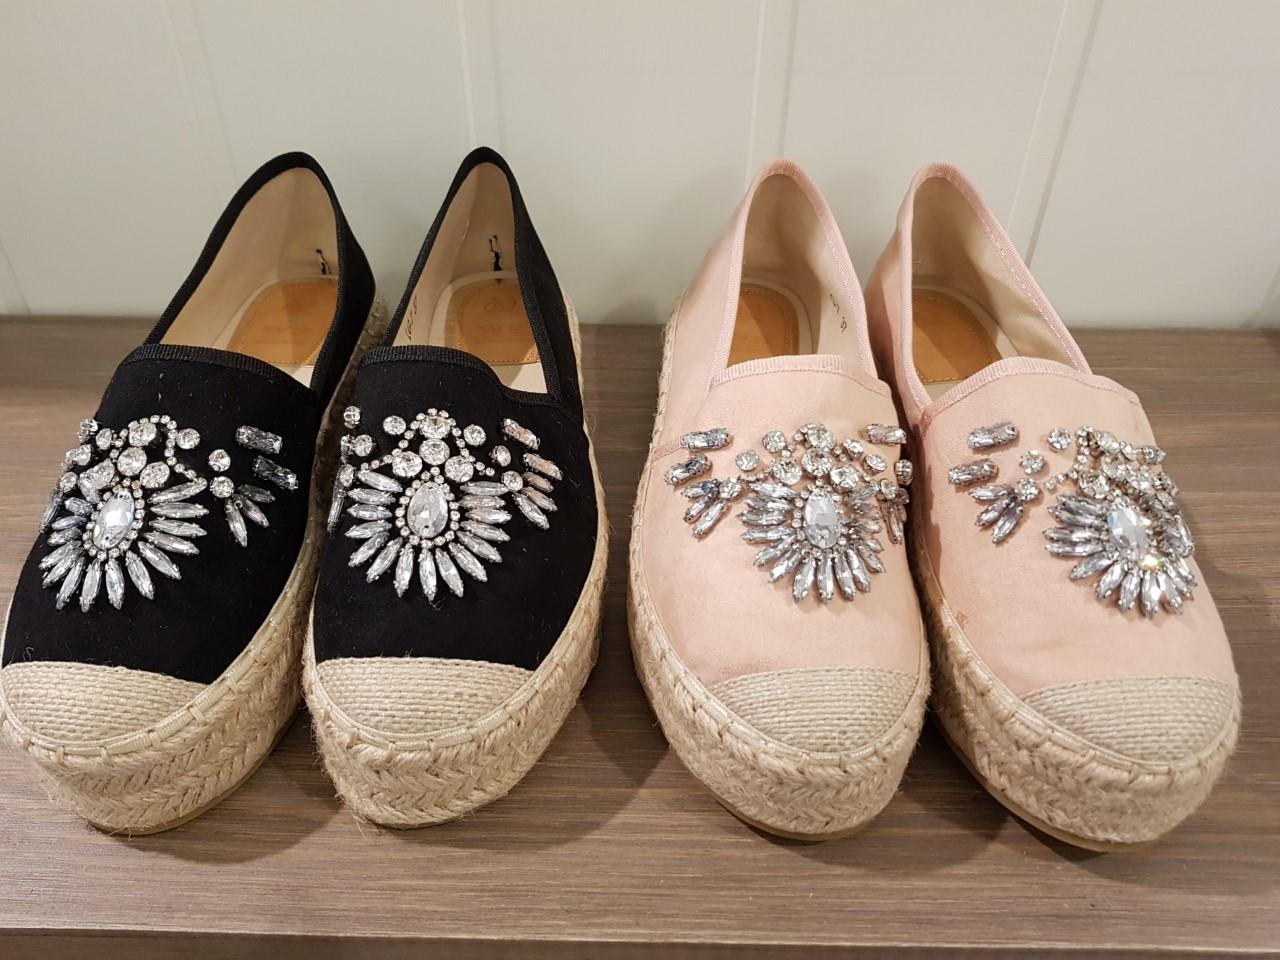 gemini sko svart och rosa